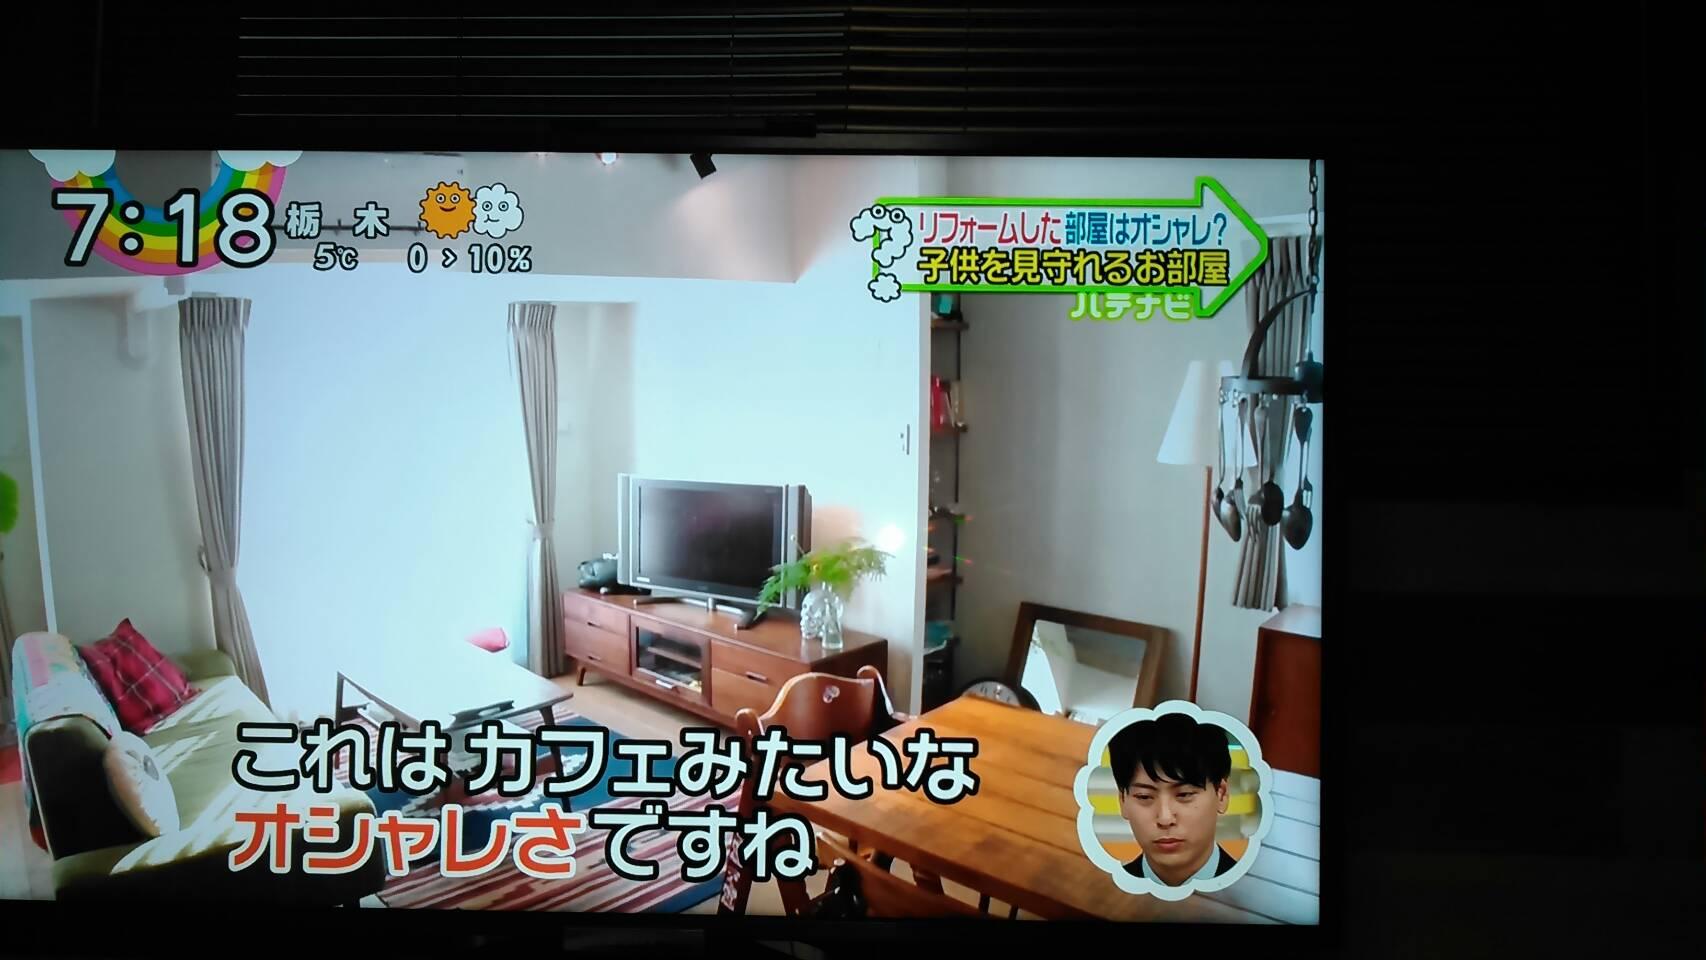 【TV放送情報】『ZIP!』HATENAVI放送されました。